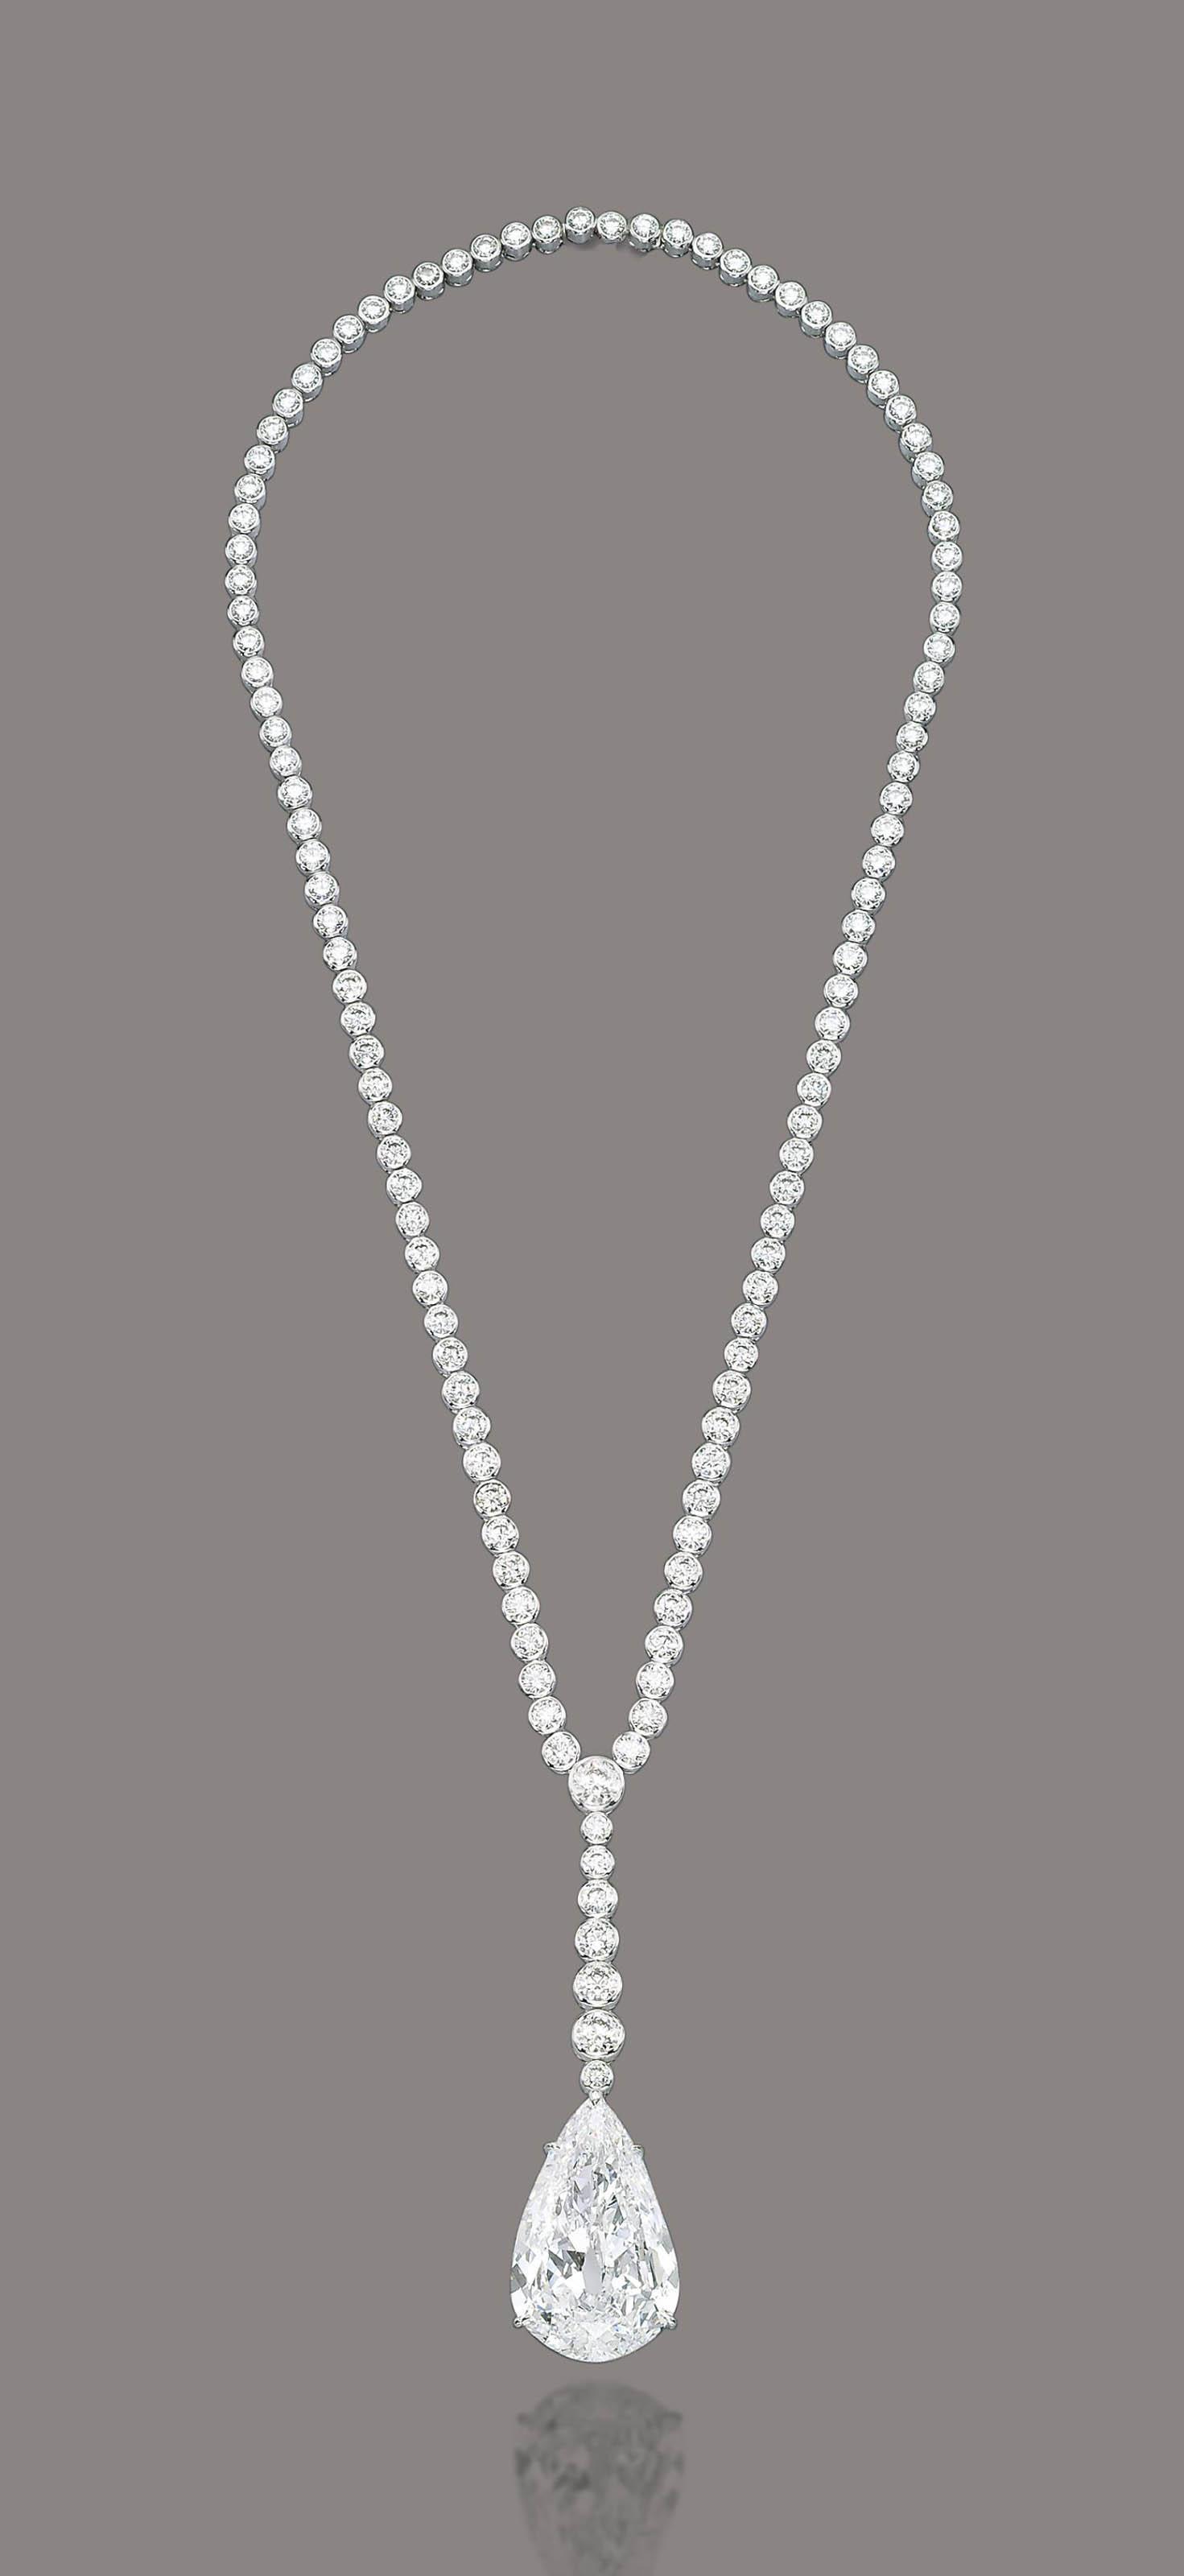 A SUPERB DIAMOND NECKLACE